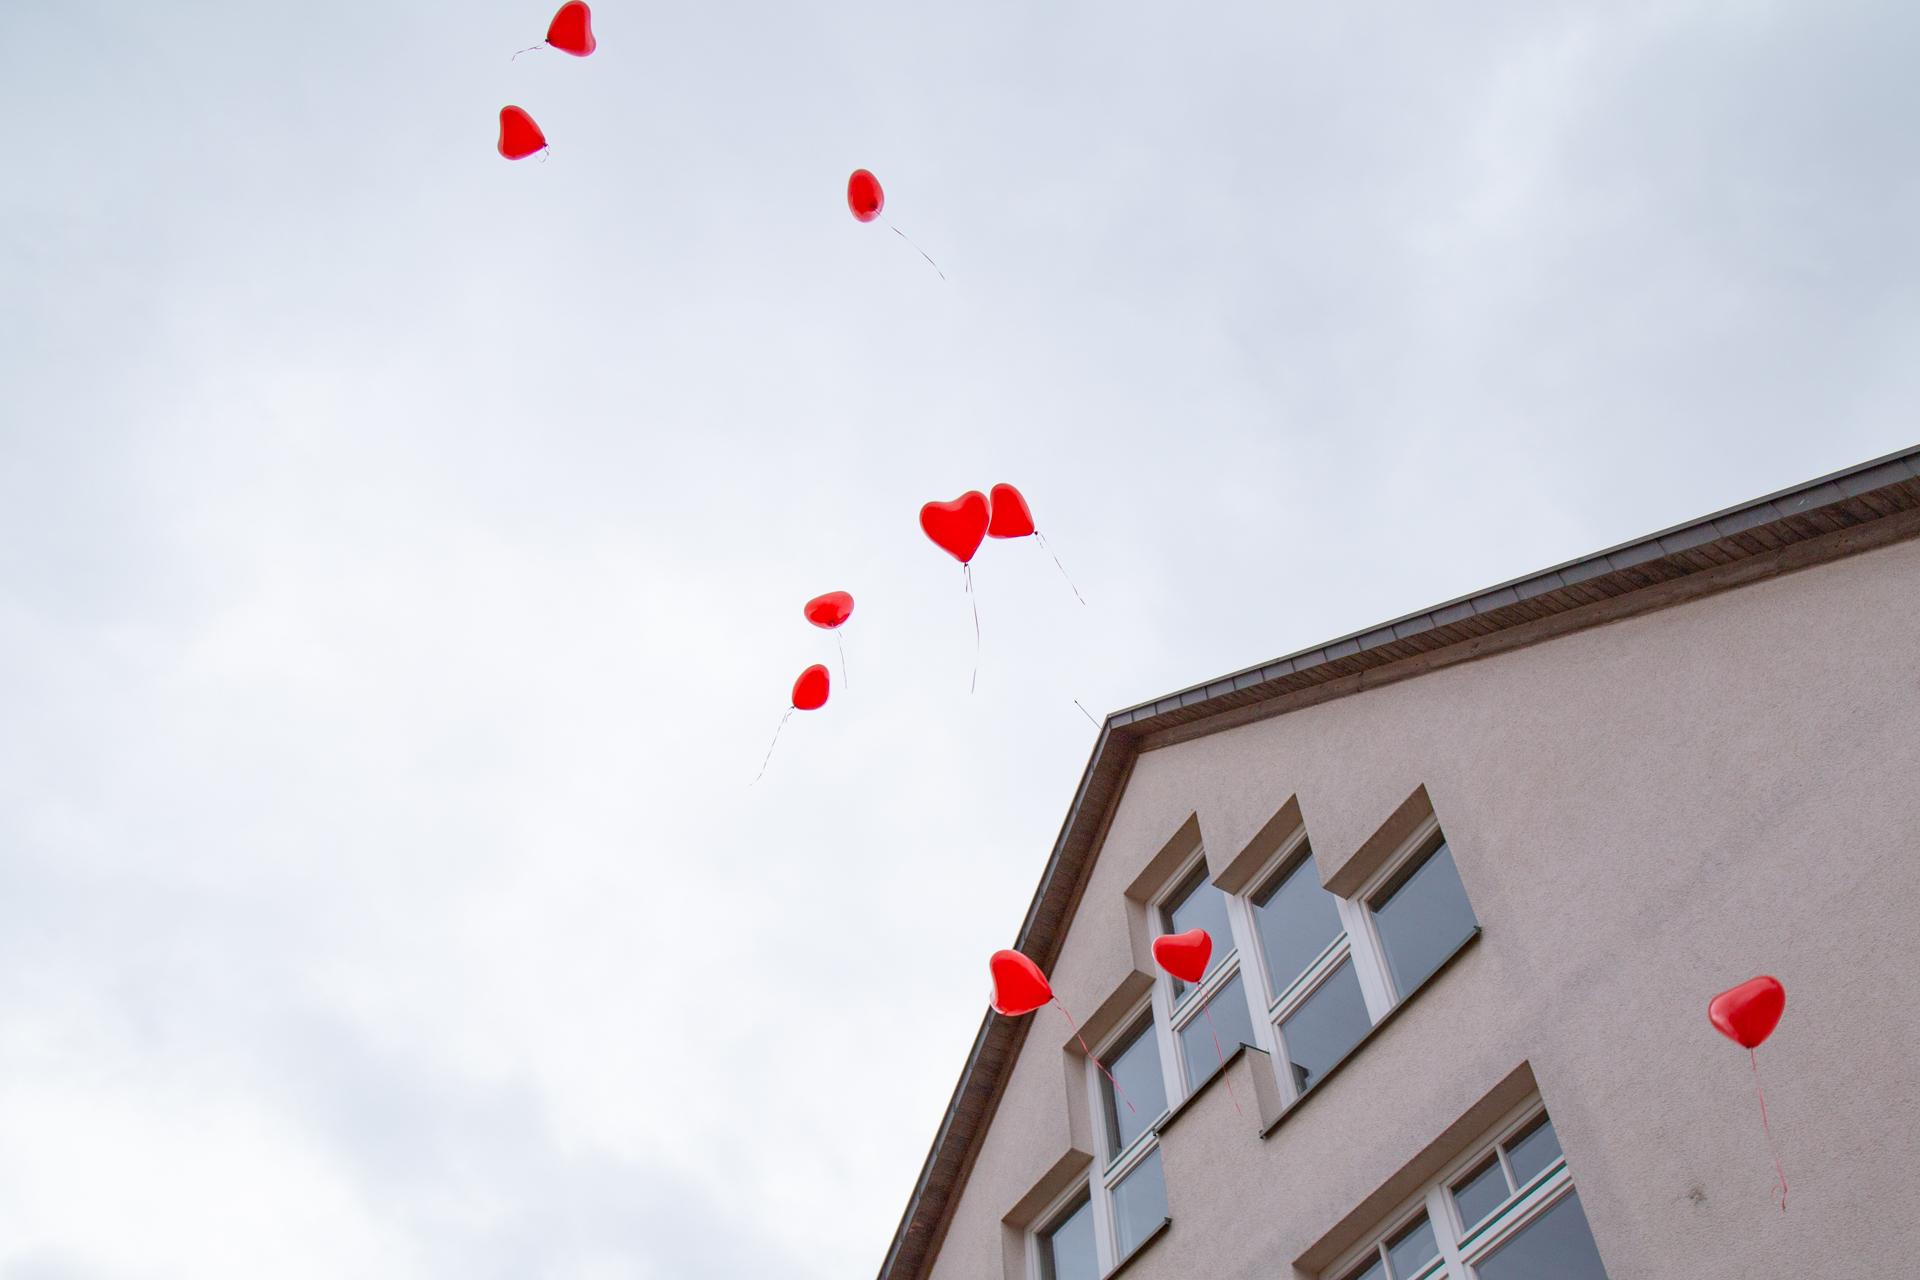 familienzentrum-rettigheim - Luftballons